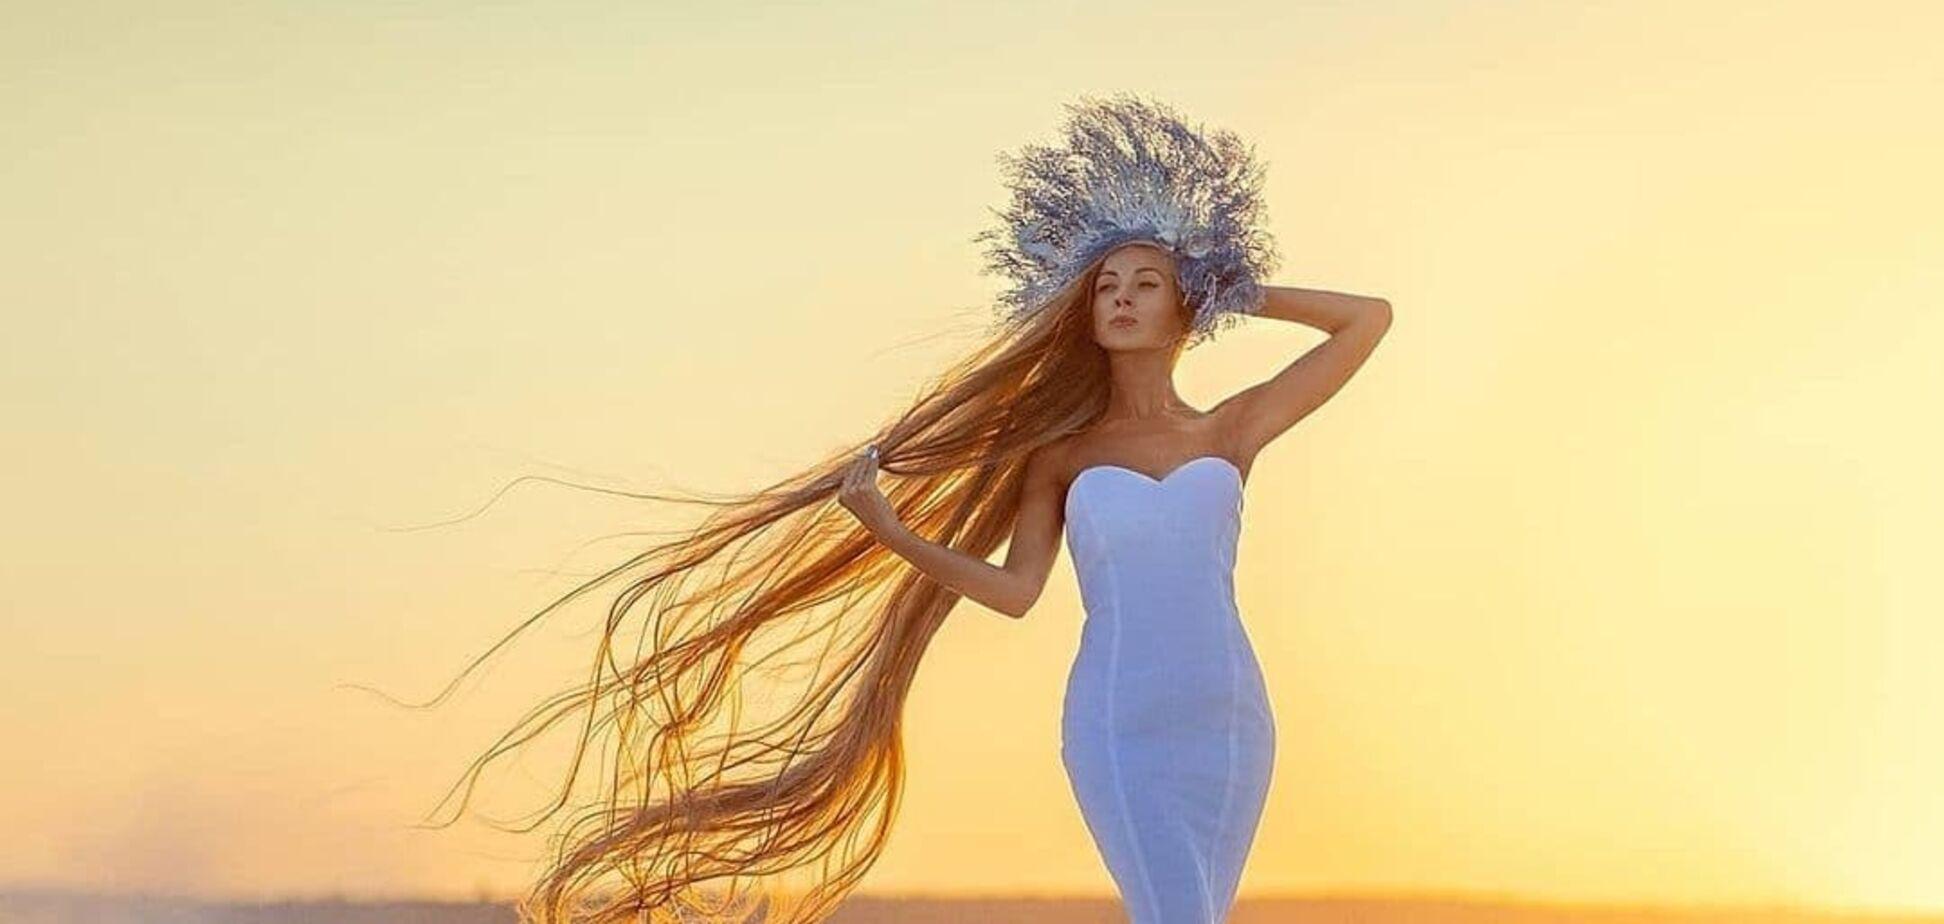 Українка показала двометрове волосся